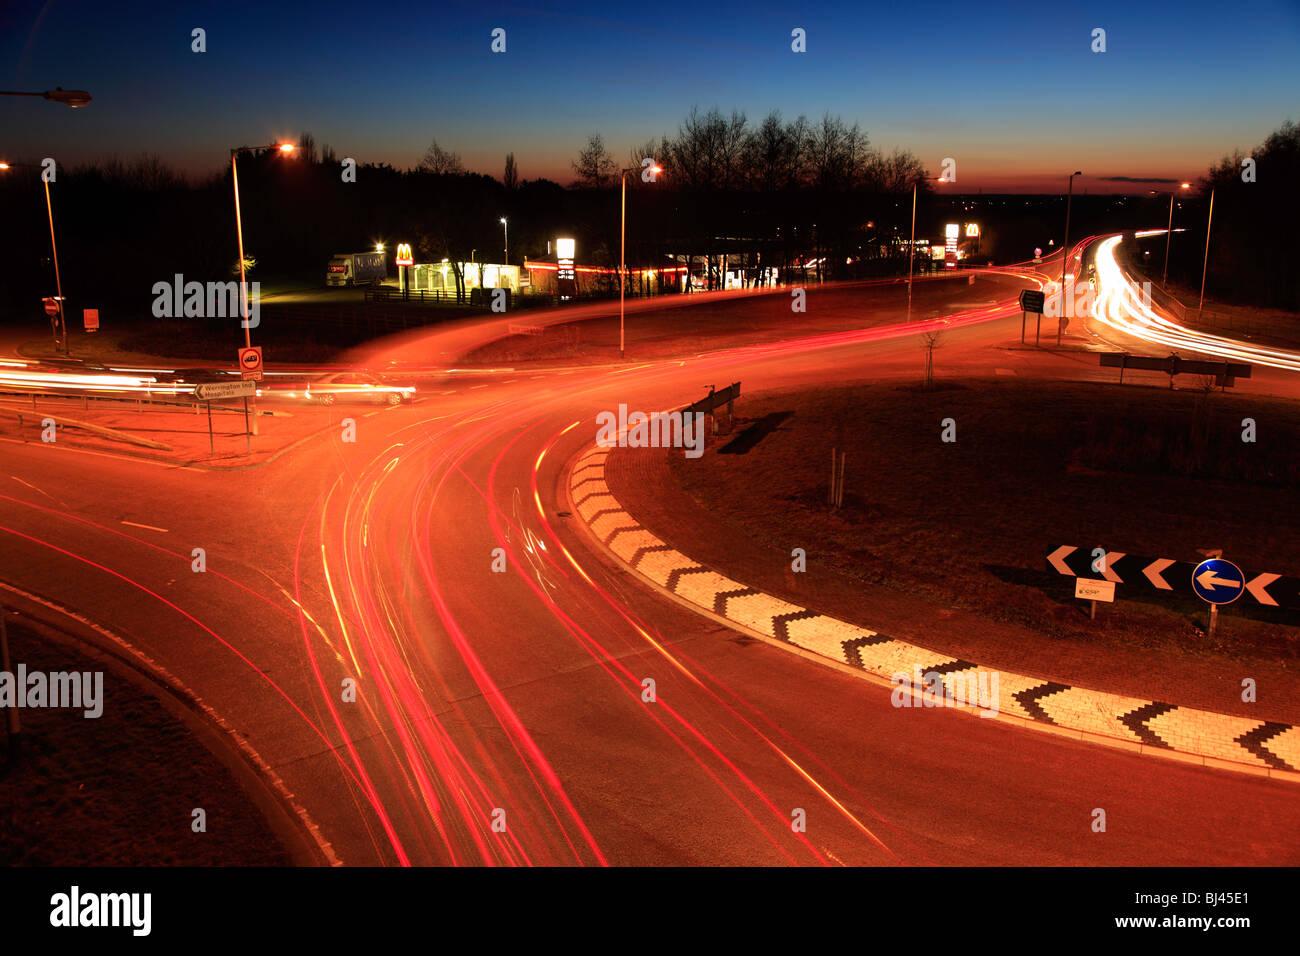 Les voitures et les feux de signalisation des sentiers sur un rond-point Photo Stock